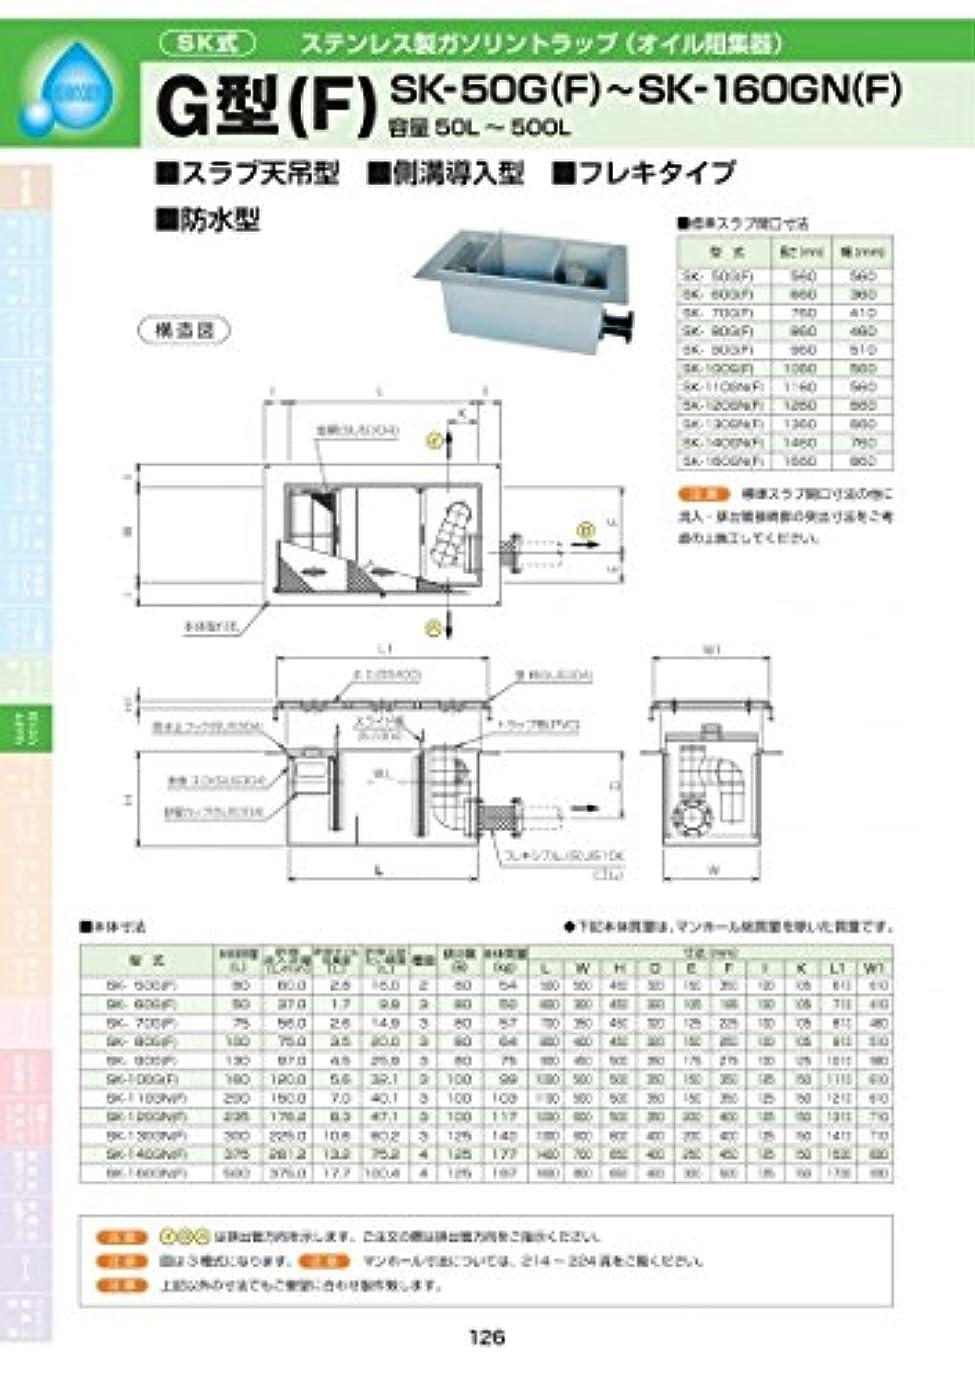 口ひげマントル検索エンジン最適化G型(F) SK-80G(F) 耐荷重蓋仕様セット(マンホール枠:ステンレス / 蓋:ステンレス) T-14